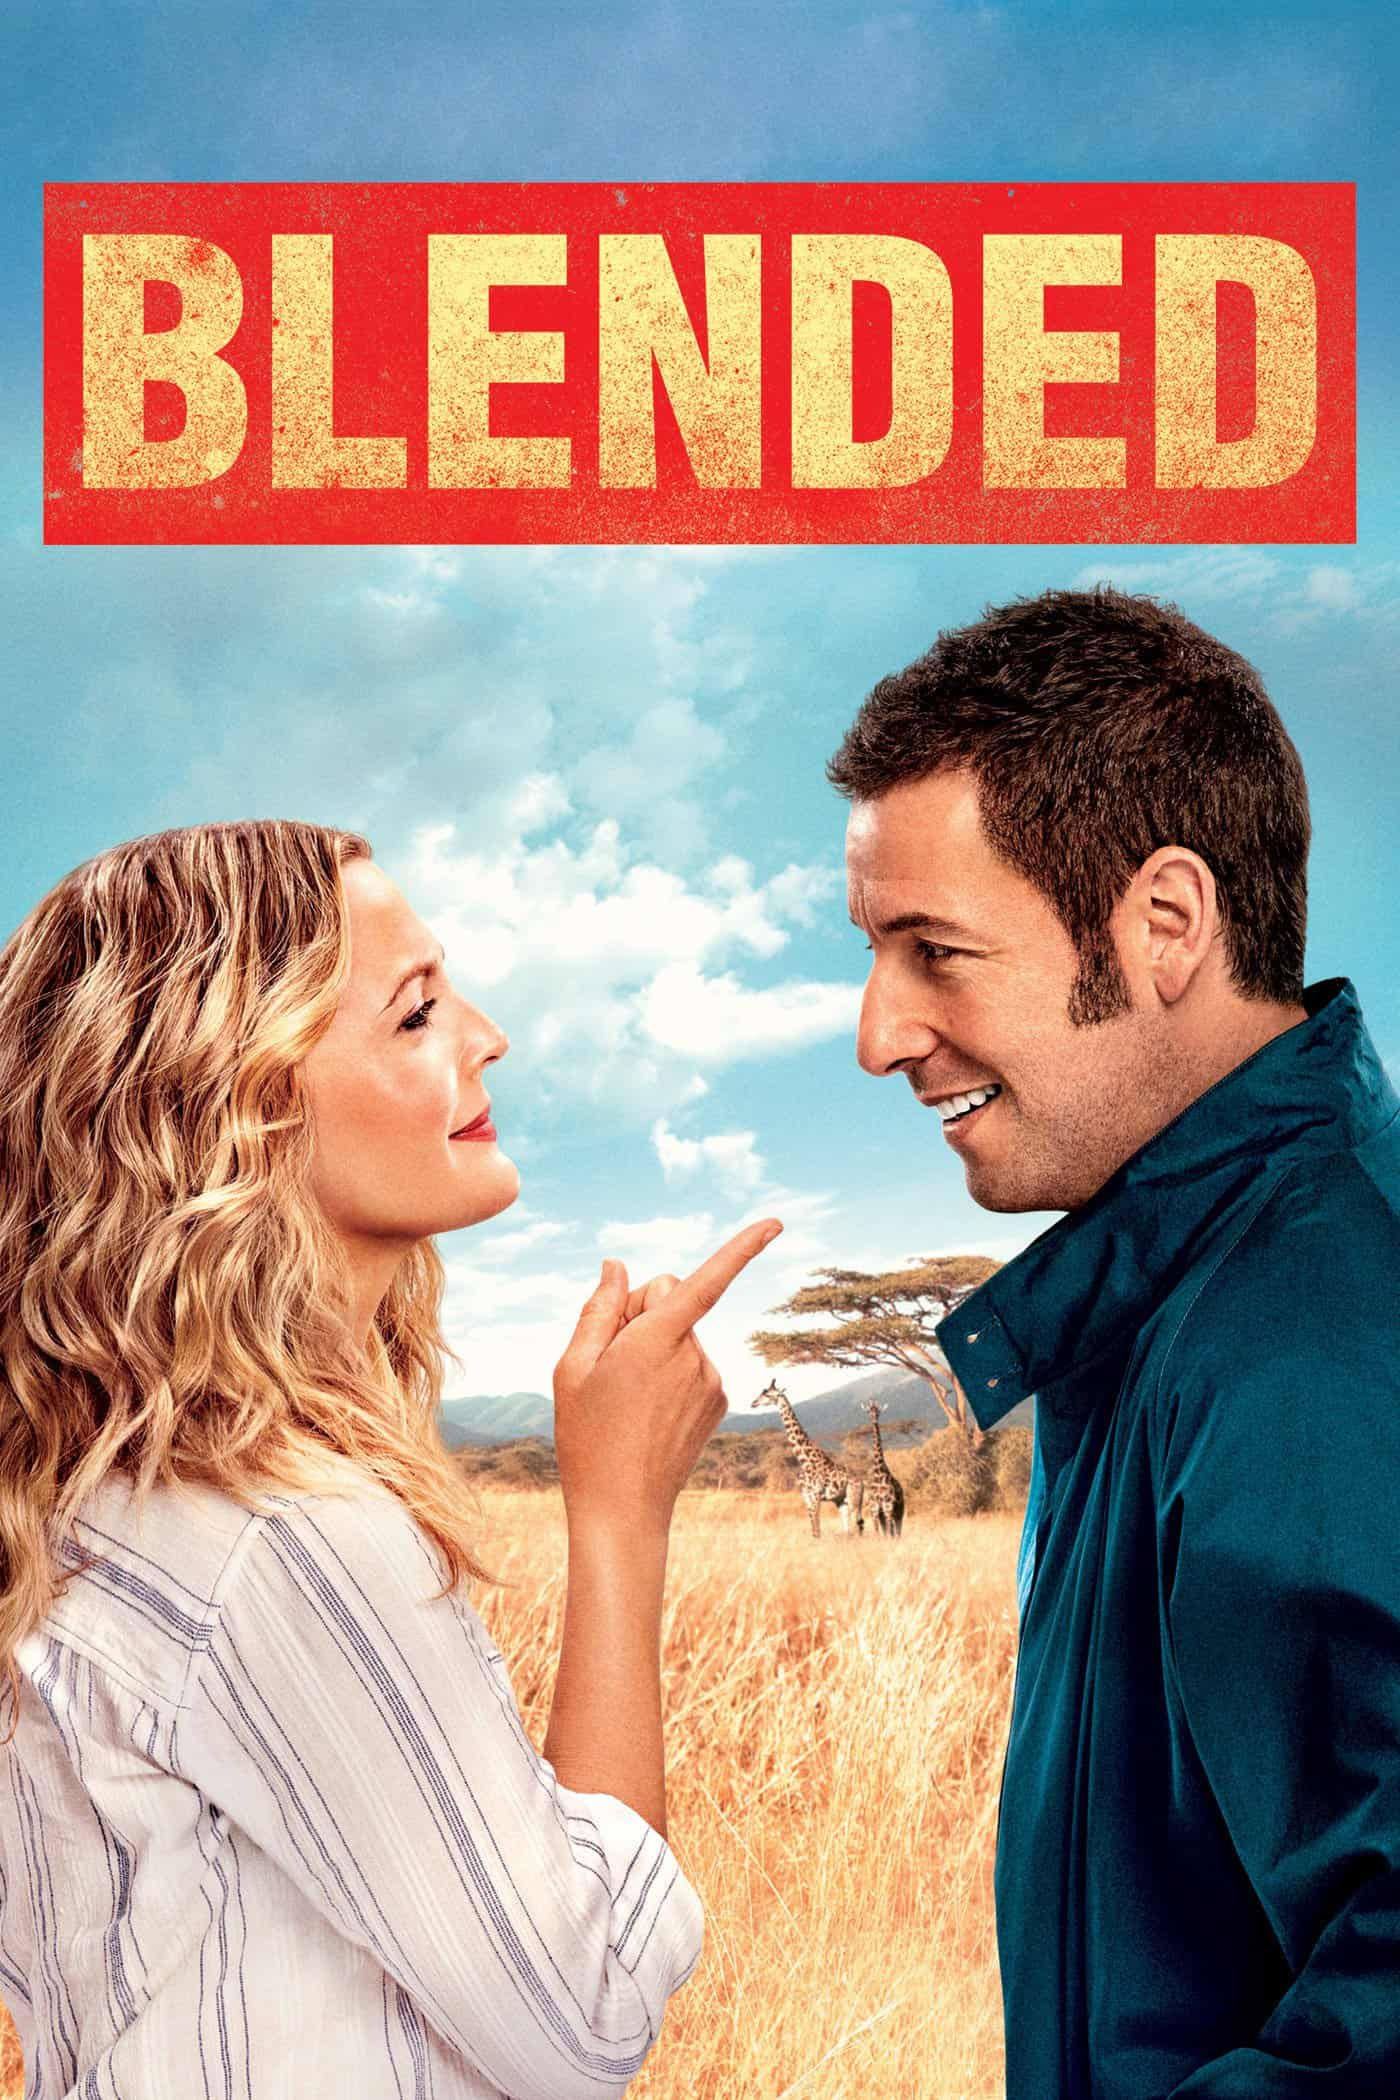 Blended, 2014